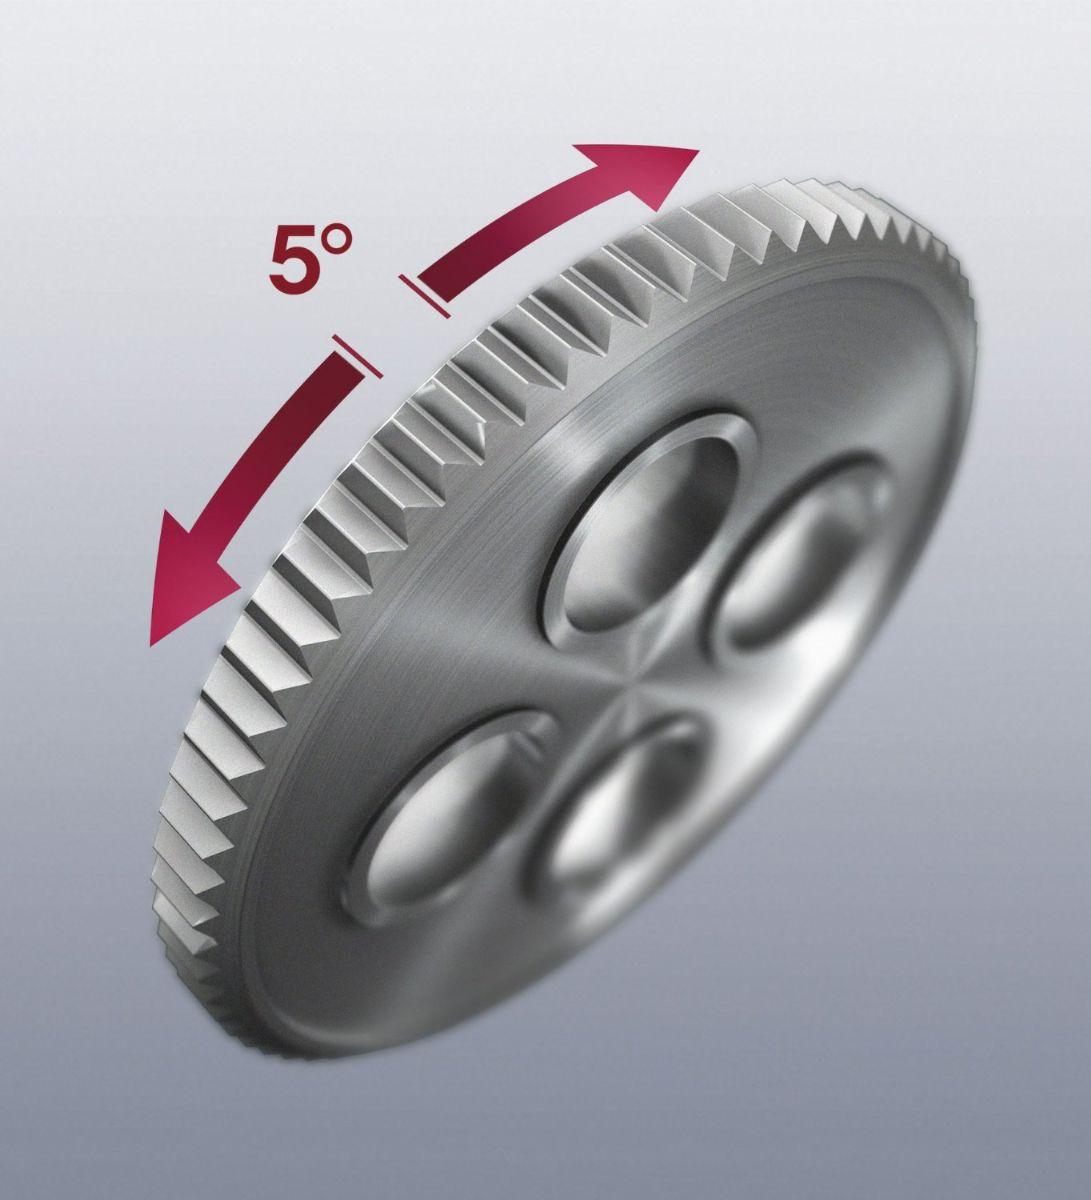 Cần lắc vặn với 72 răng, tay lắc vặn với mỗi góc vặn 5 độ, tay lắc vặn 1/4 inch Wera